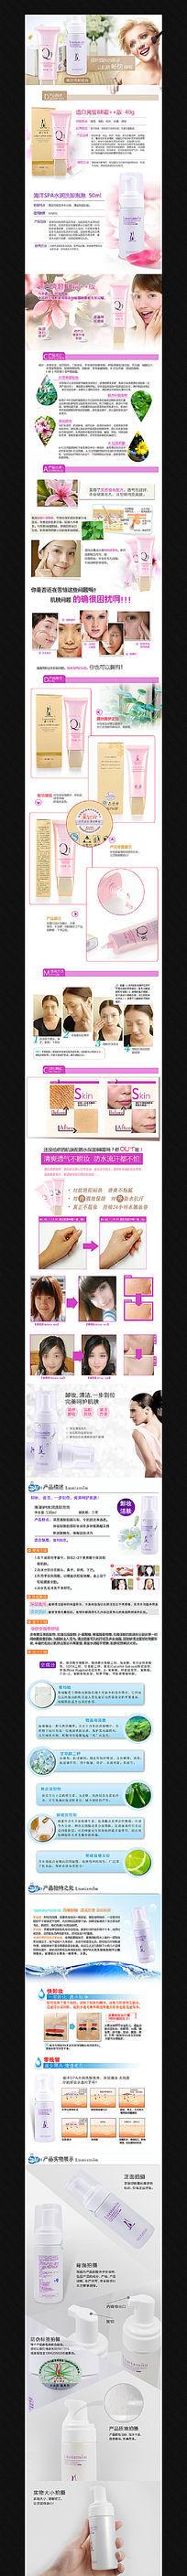 淘宝化妆品详情页细节展示素材模板